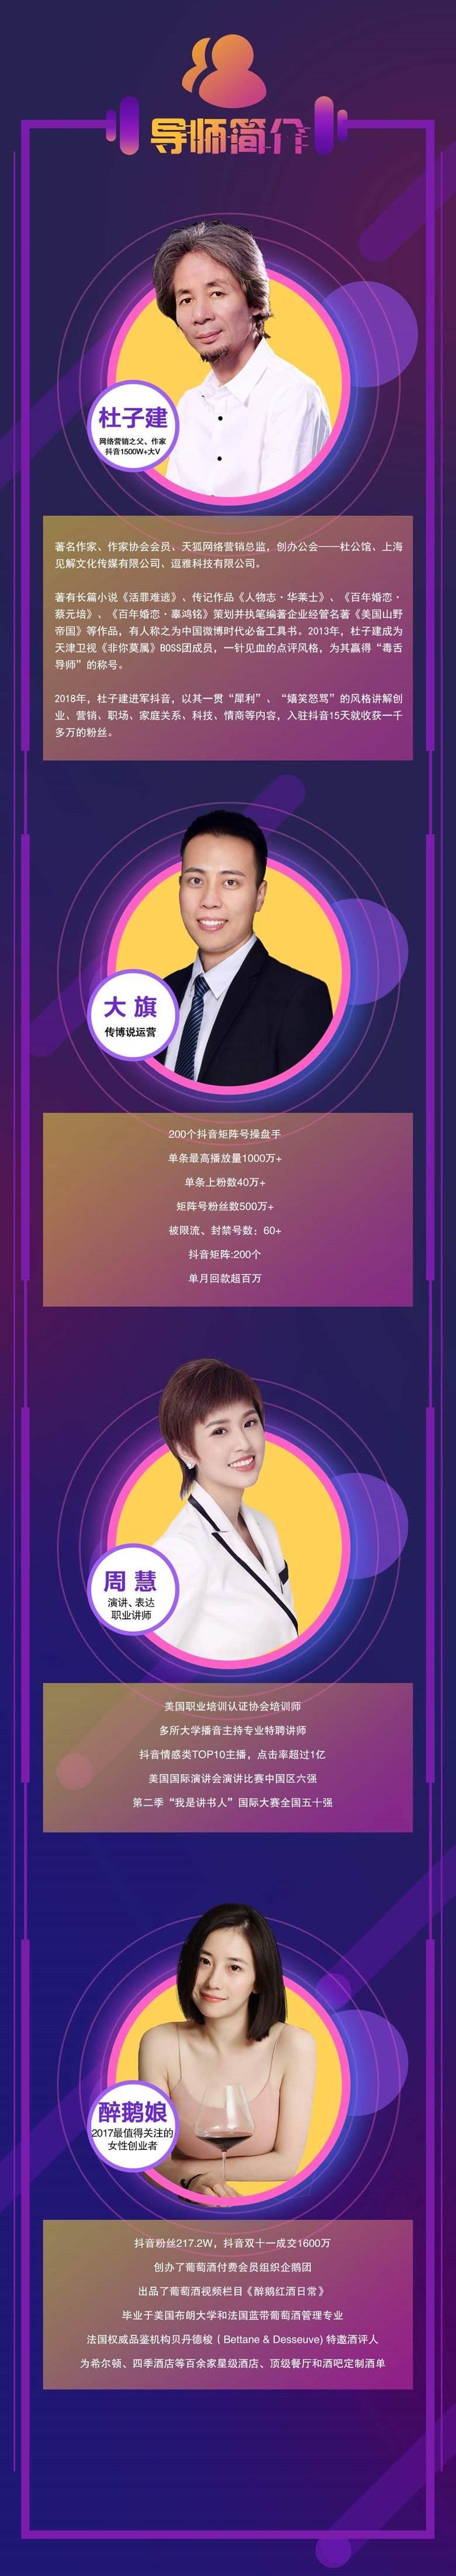 1-19-活动行-杭州-专题页(改版)-1_03.jpg